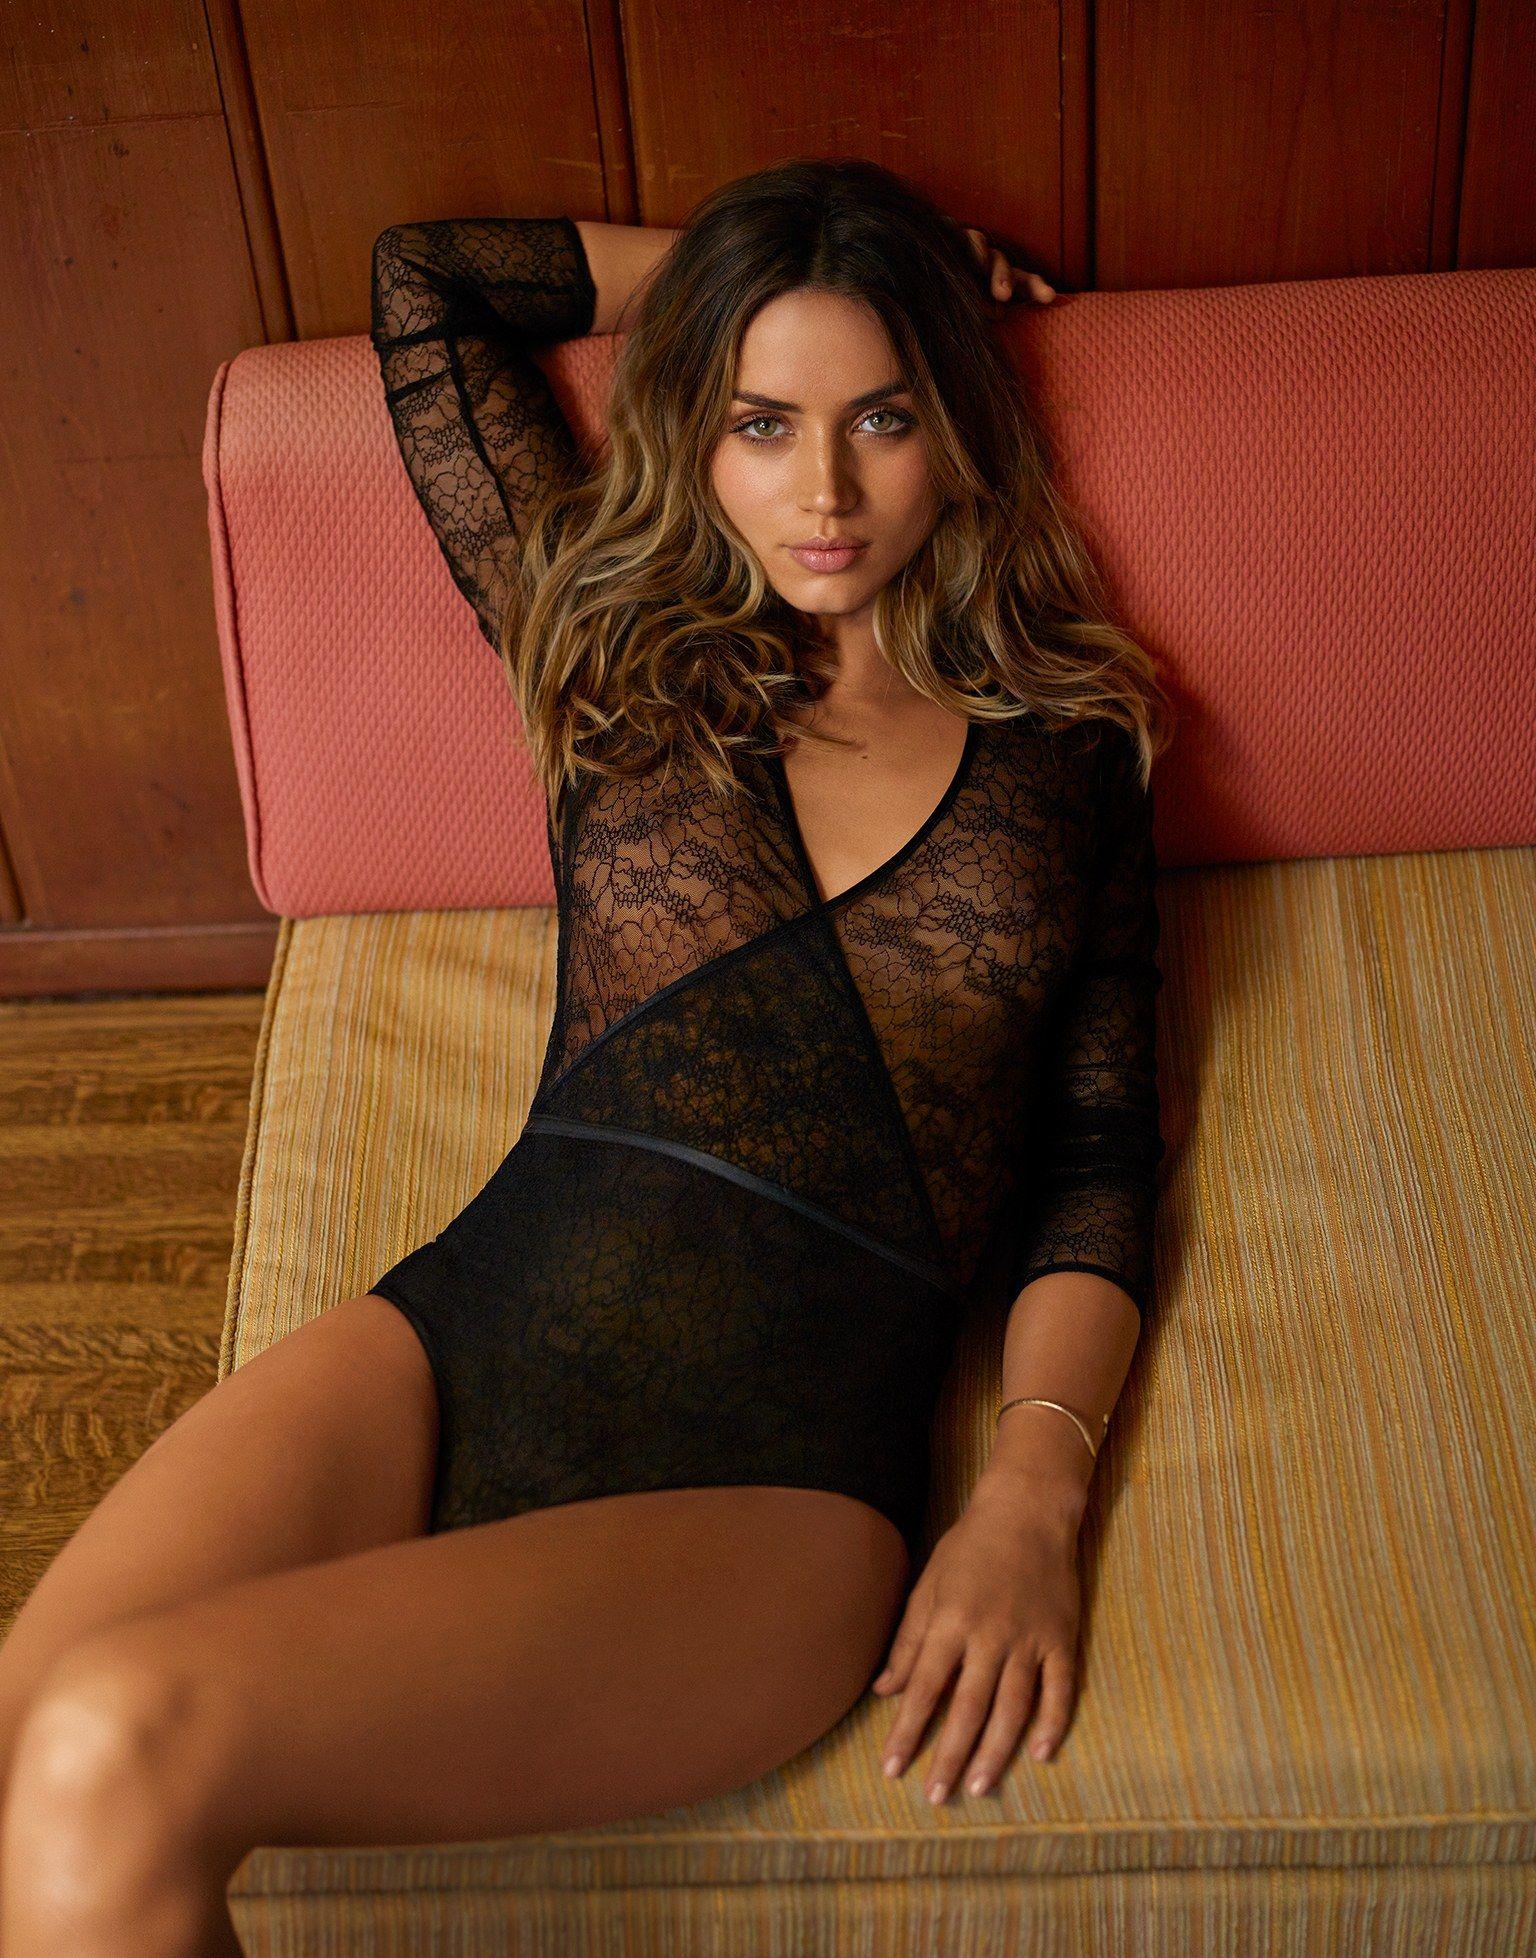 Ana De Armas Hot Pics ana de armas in gq magazine | beautiful celebrities, women